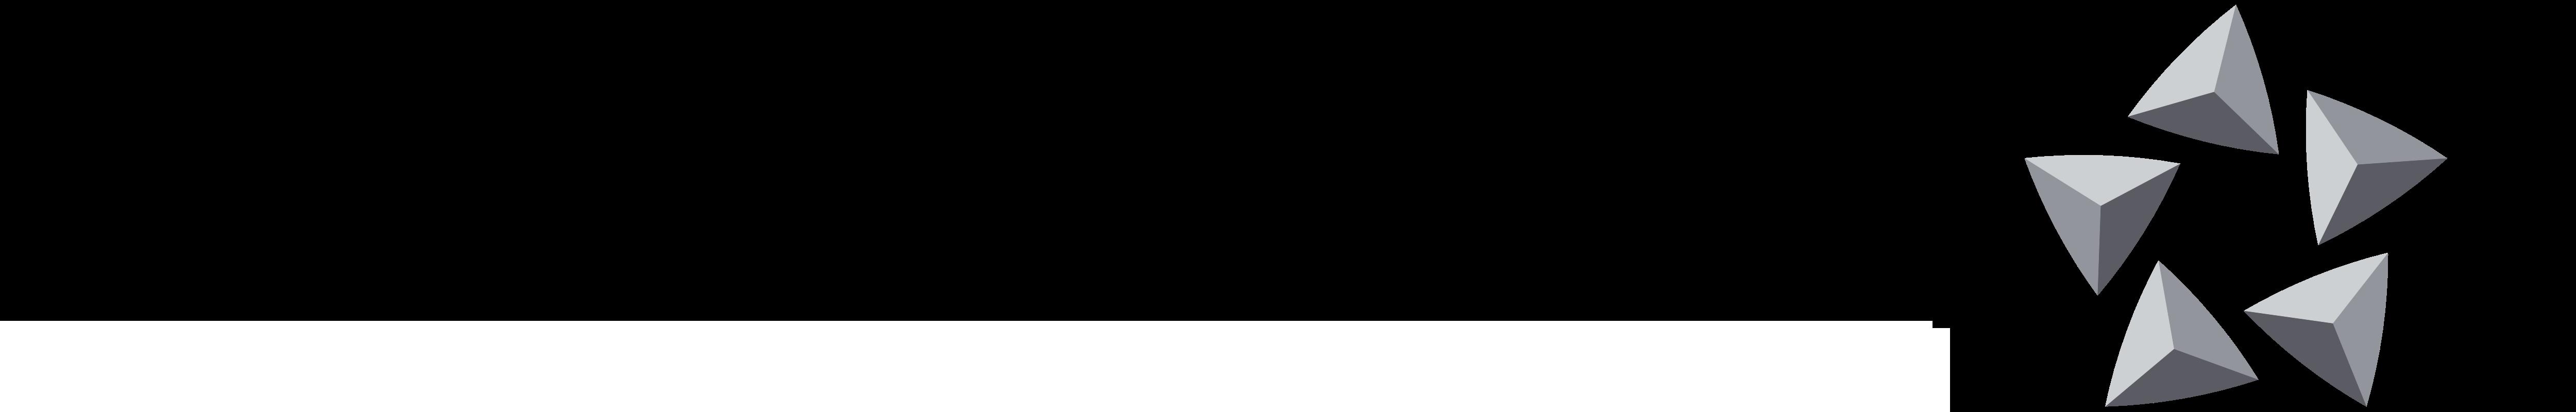 Risultati immagini per star alliance logo